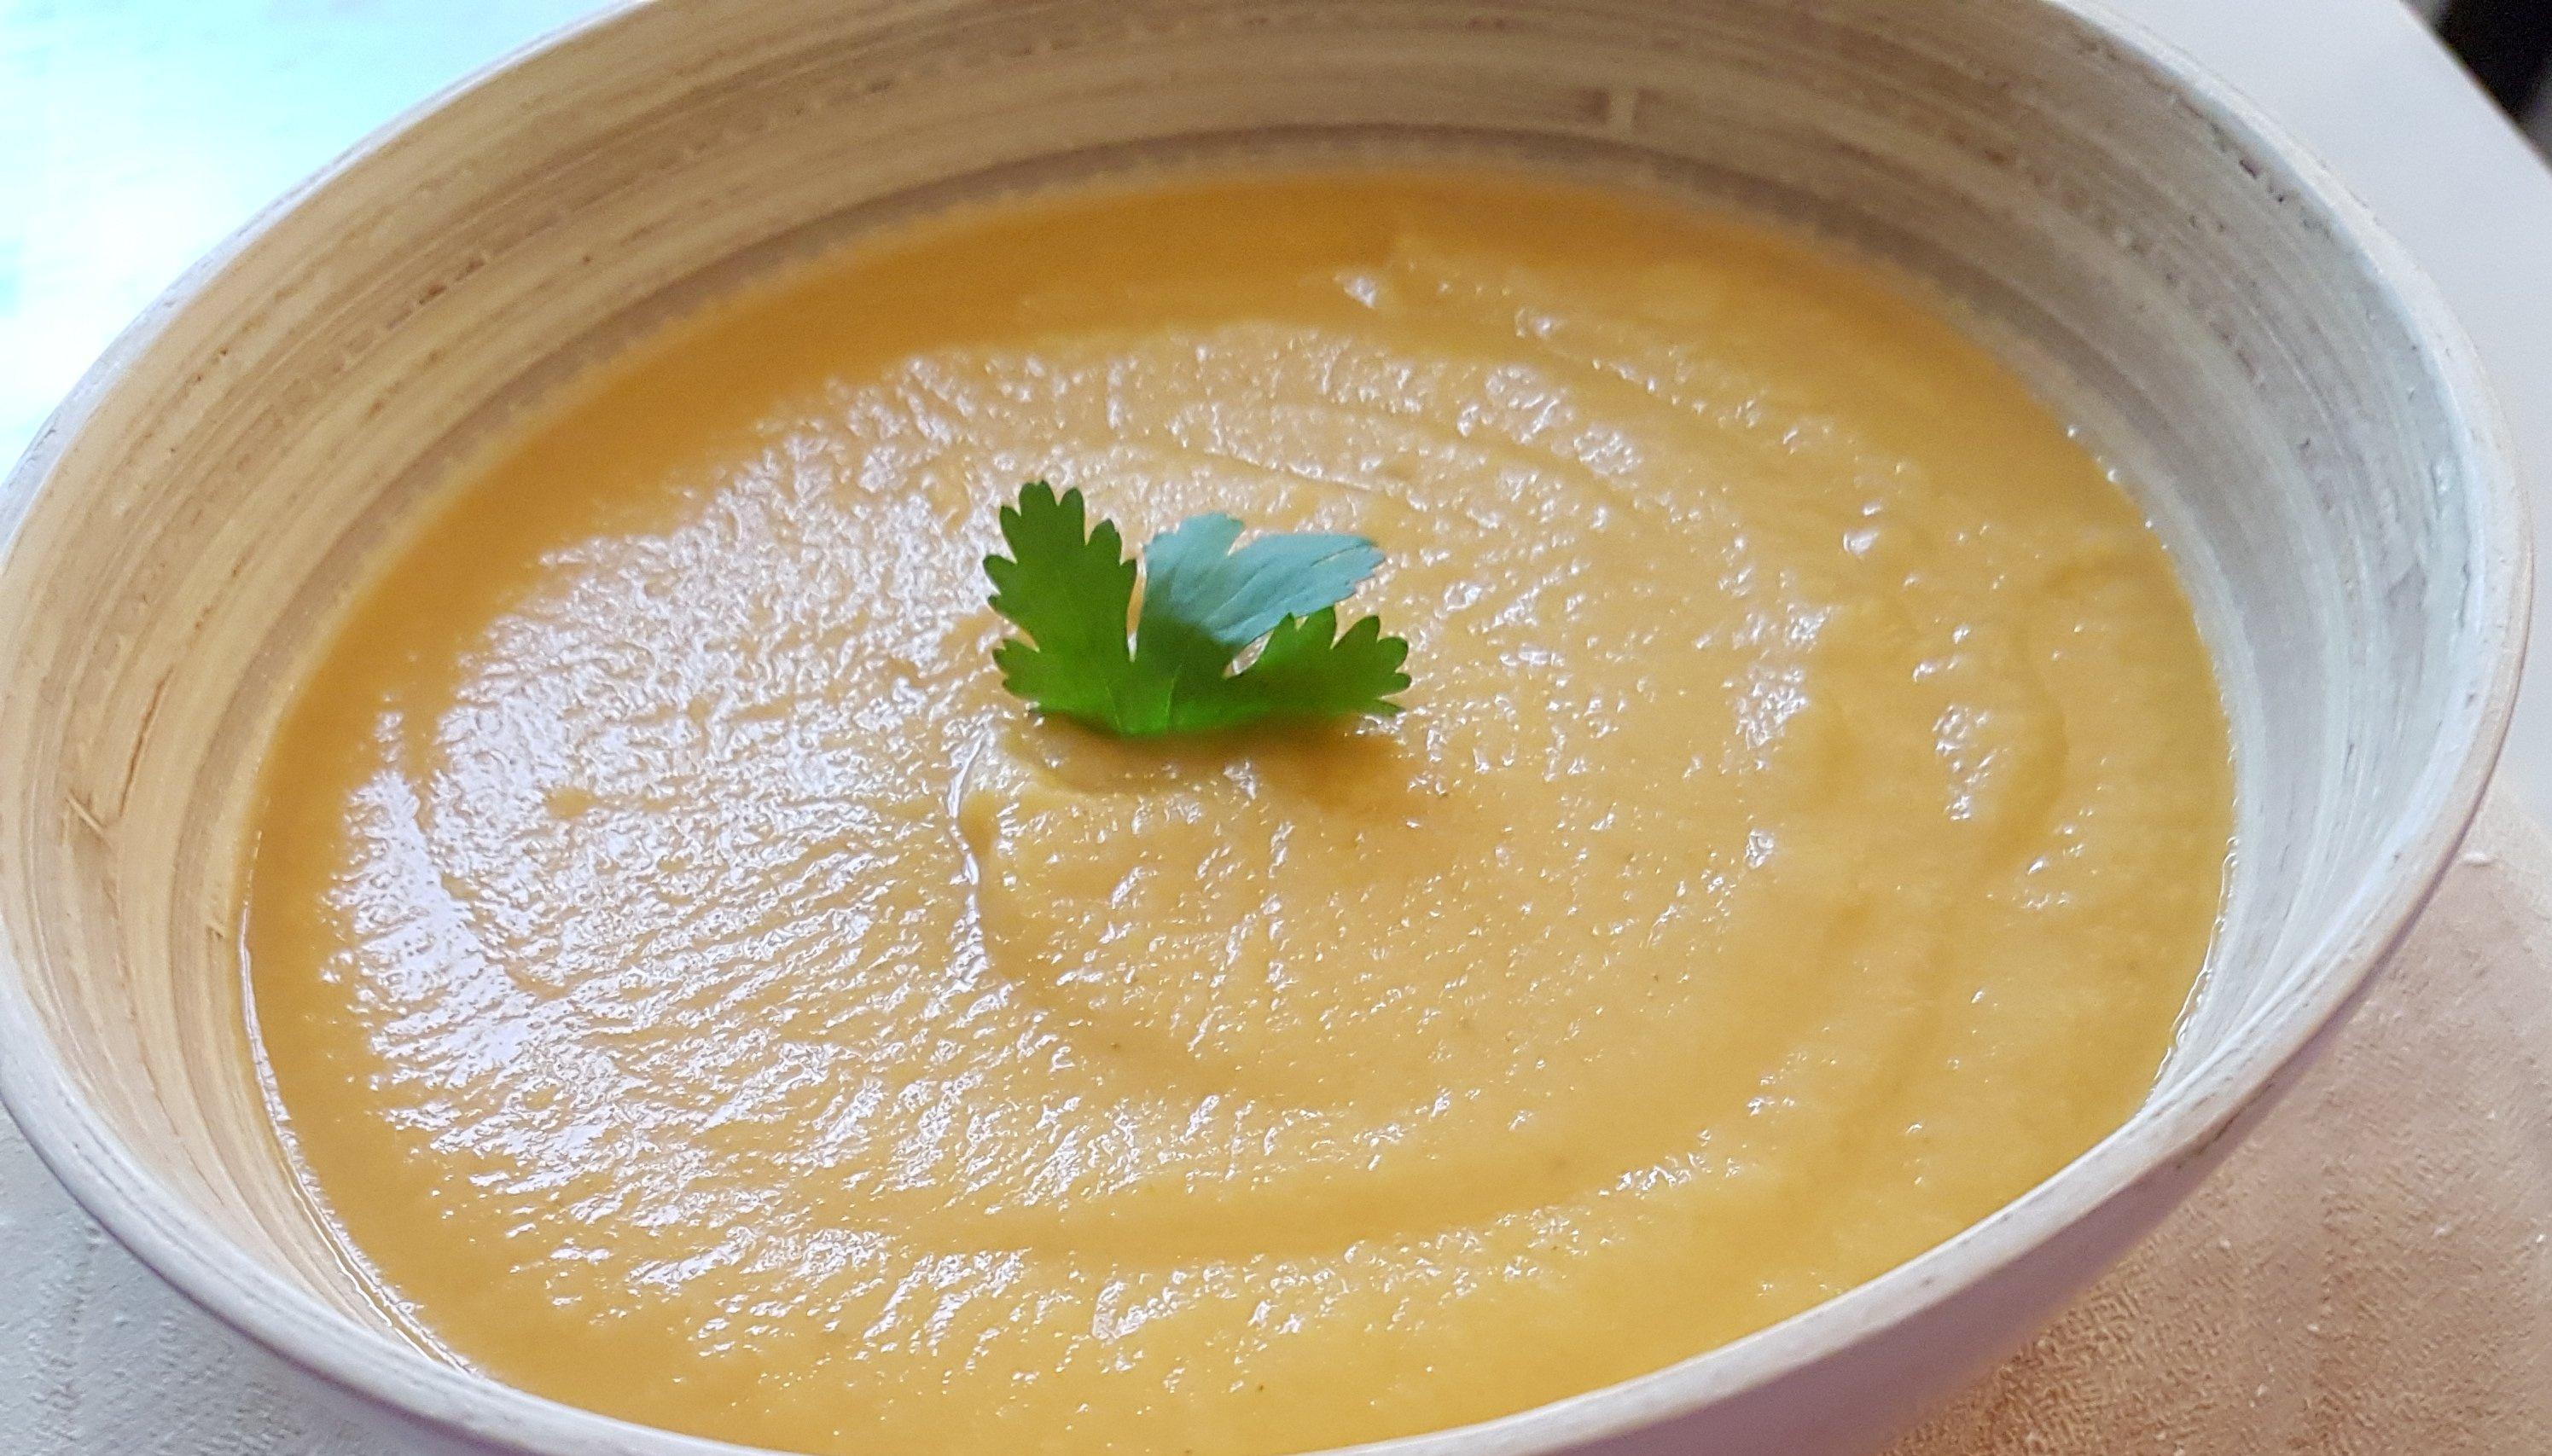 Comment Eplucher Un Patisson soupe famille : velouté de pâtisson au chèvre frais (recette